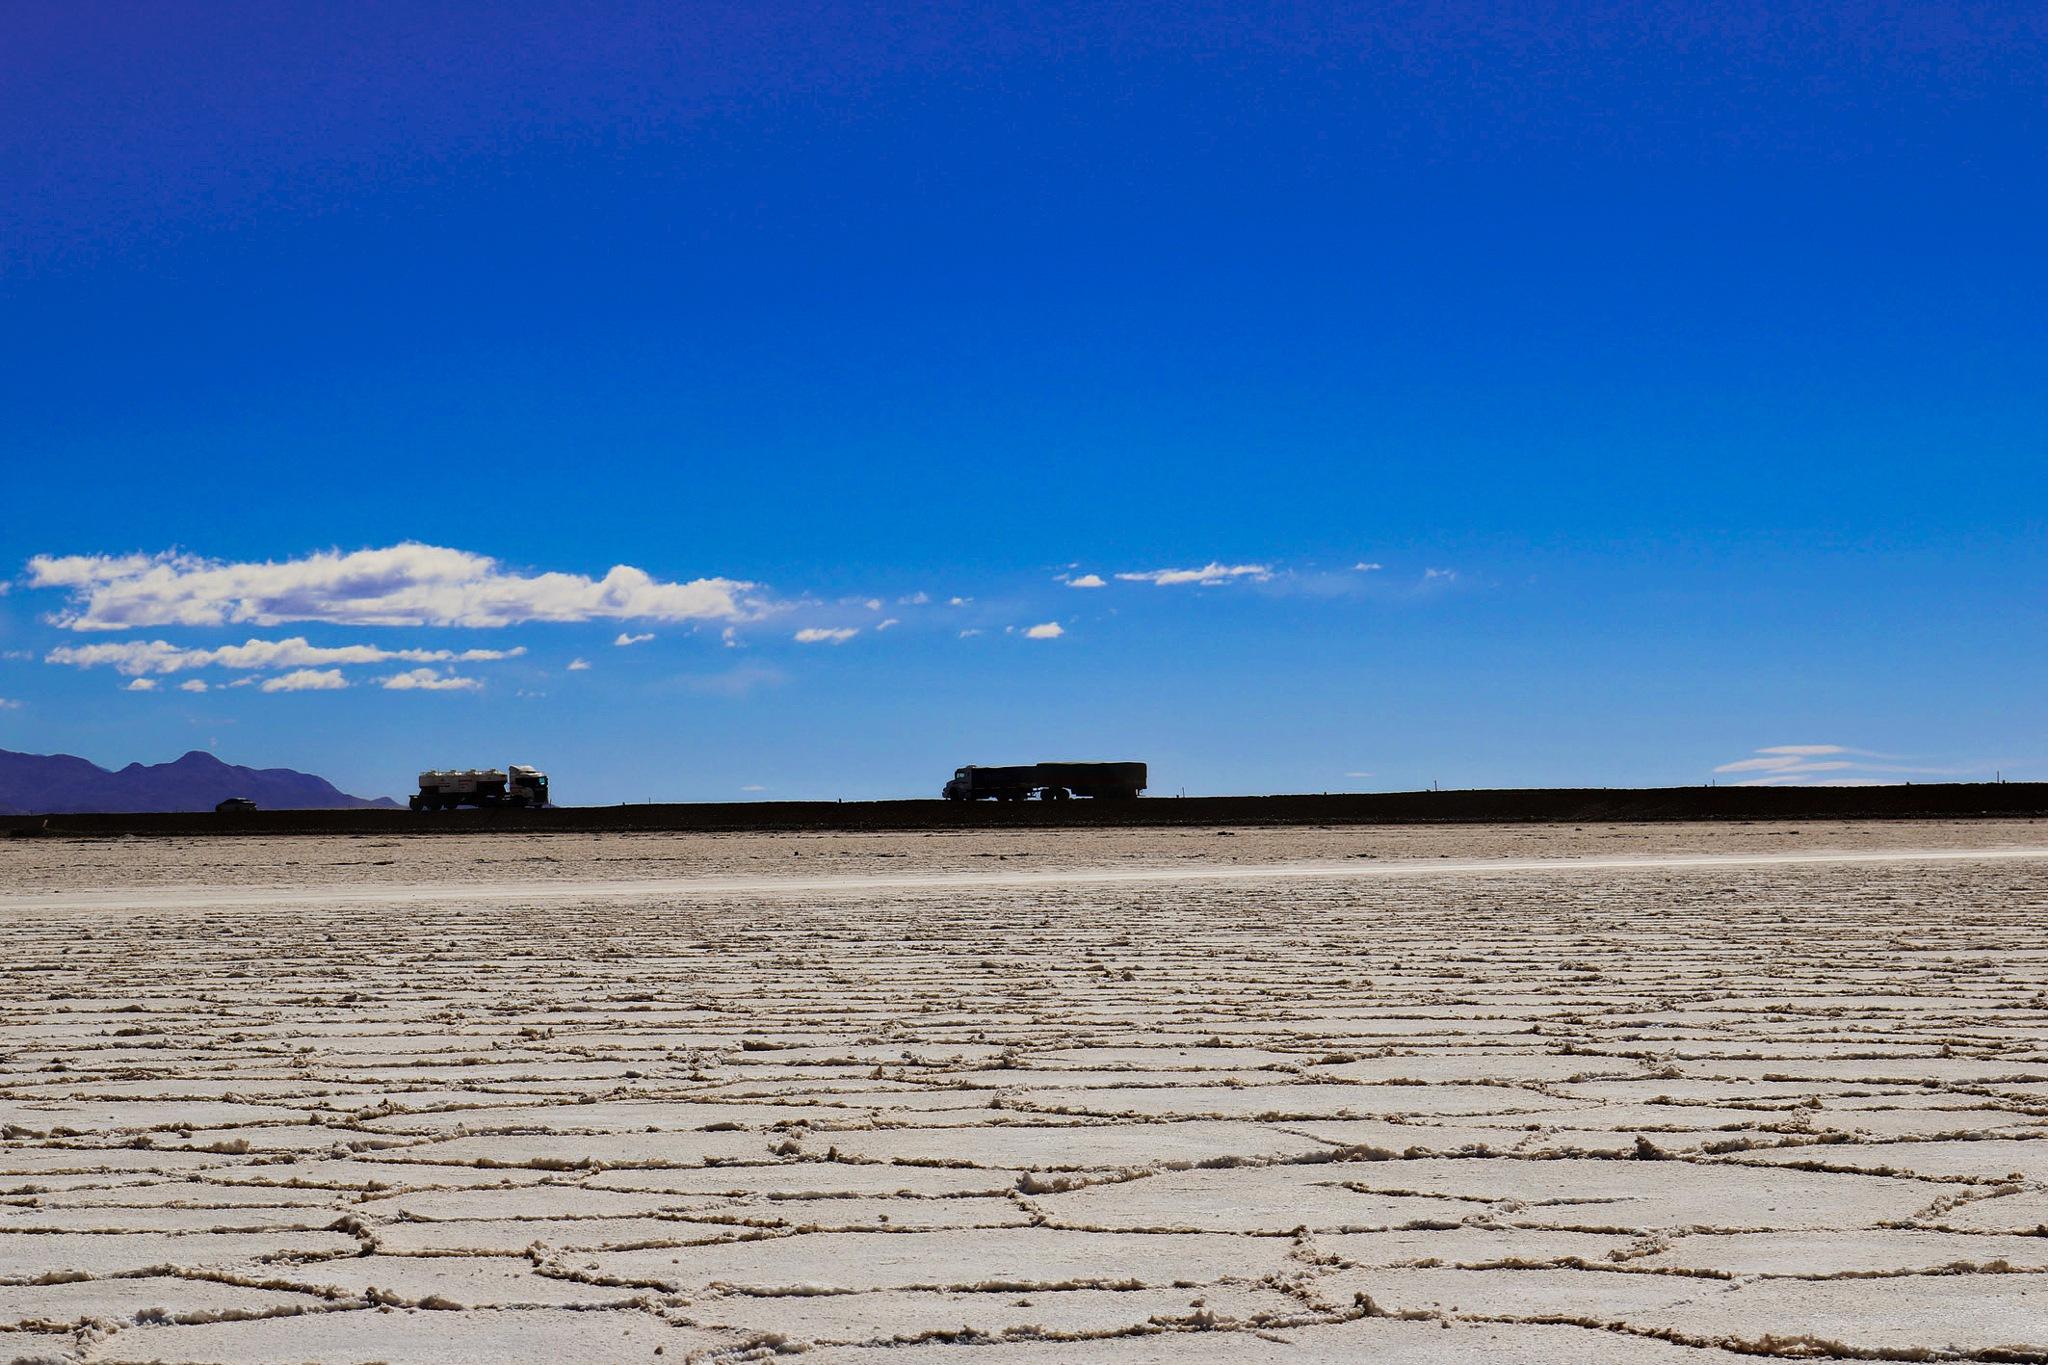 Desierto de sal by Paula Figueroa